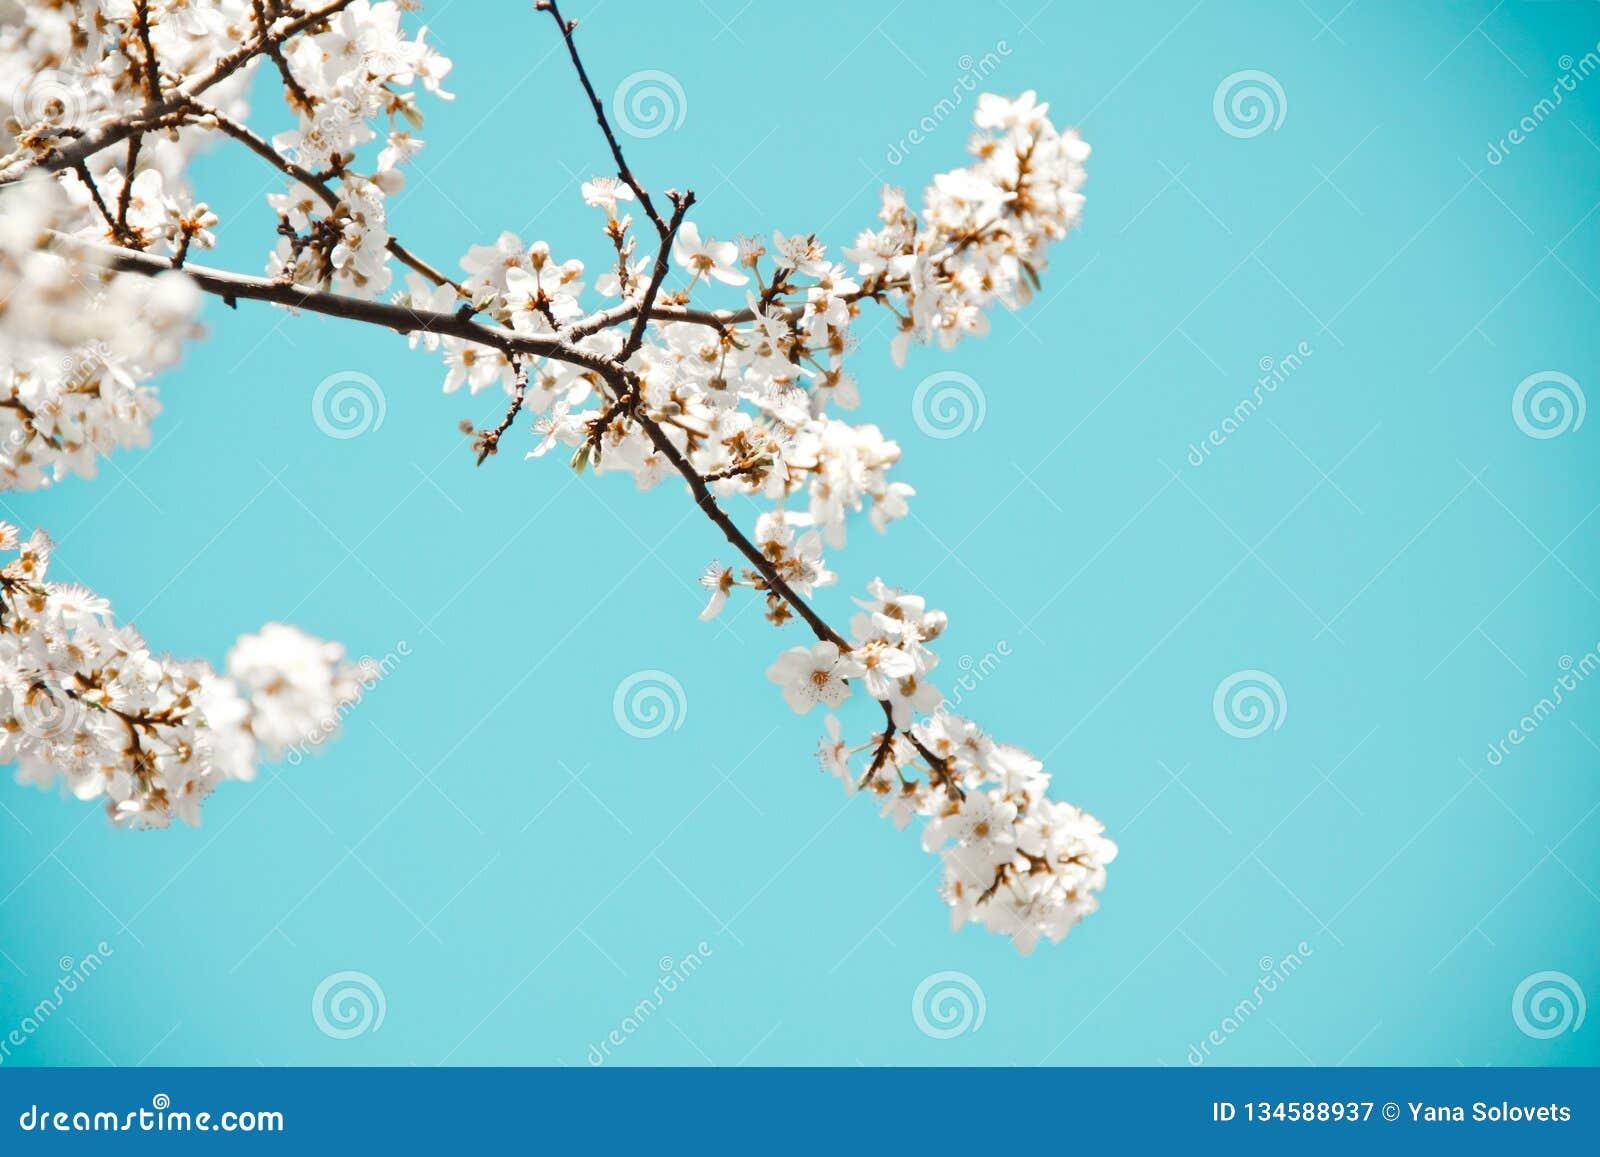 Humeur de source Fond bleu frais avec les fleurs de floraison blanches de cerise pour les vacances